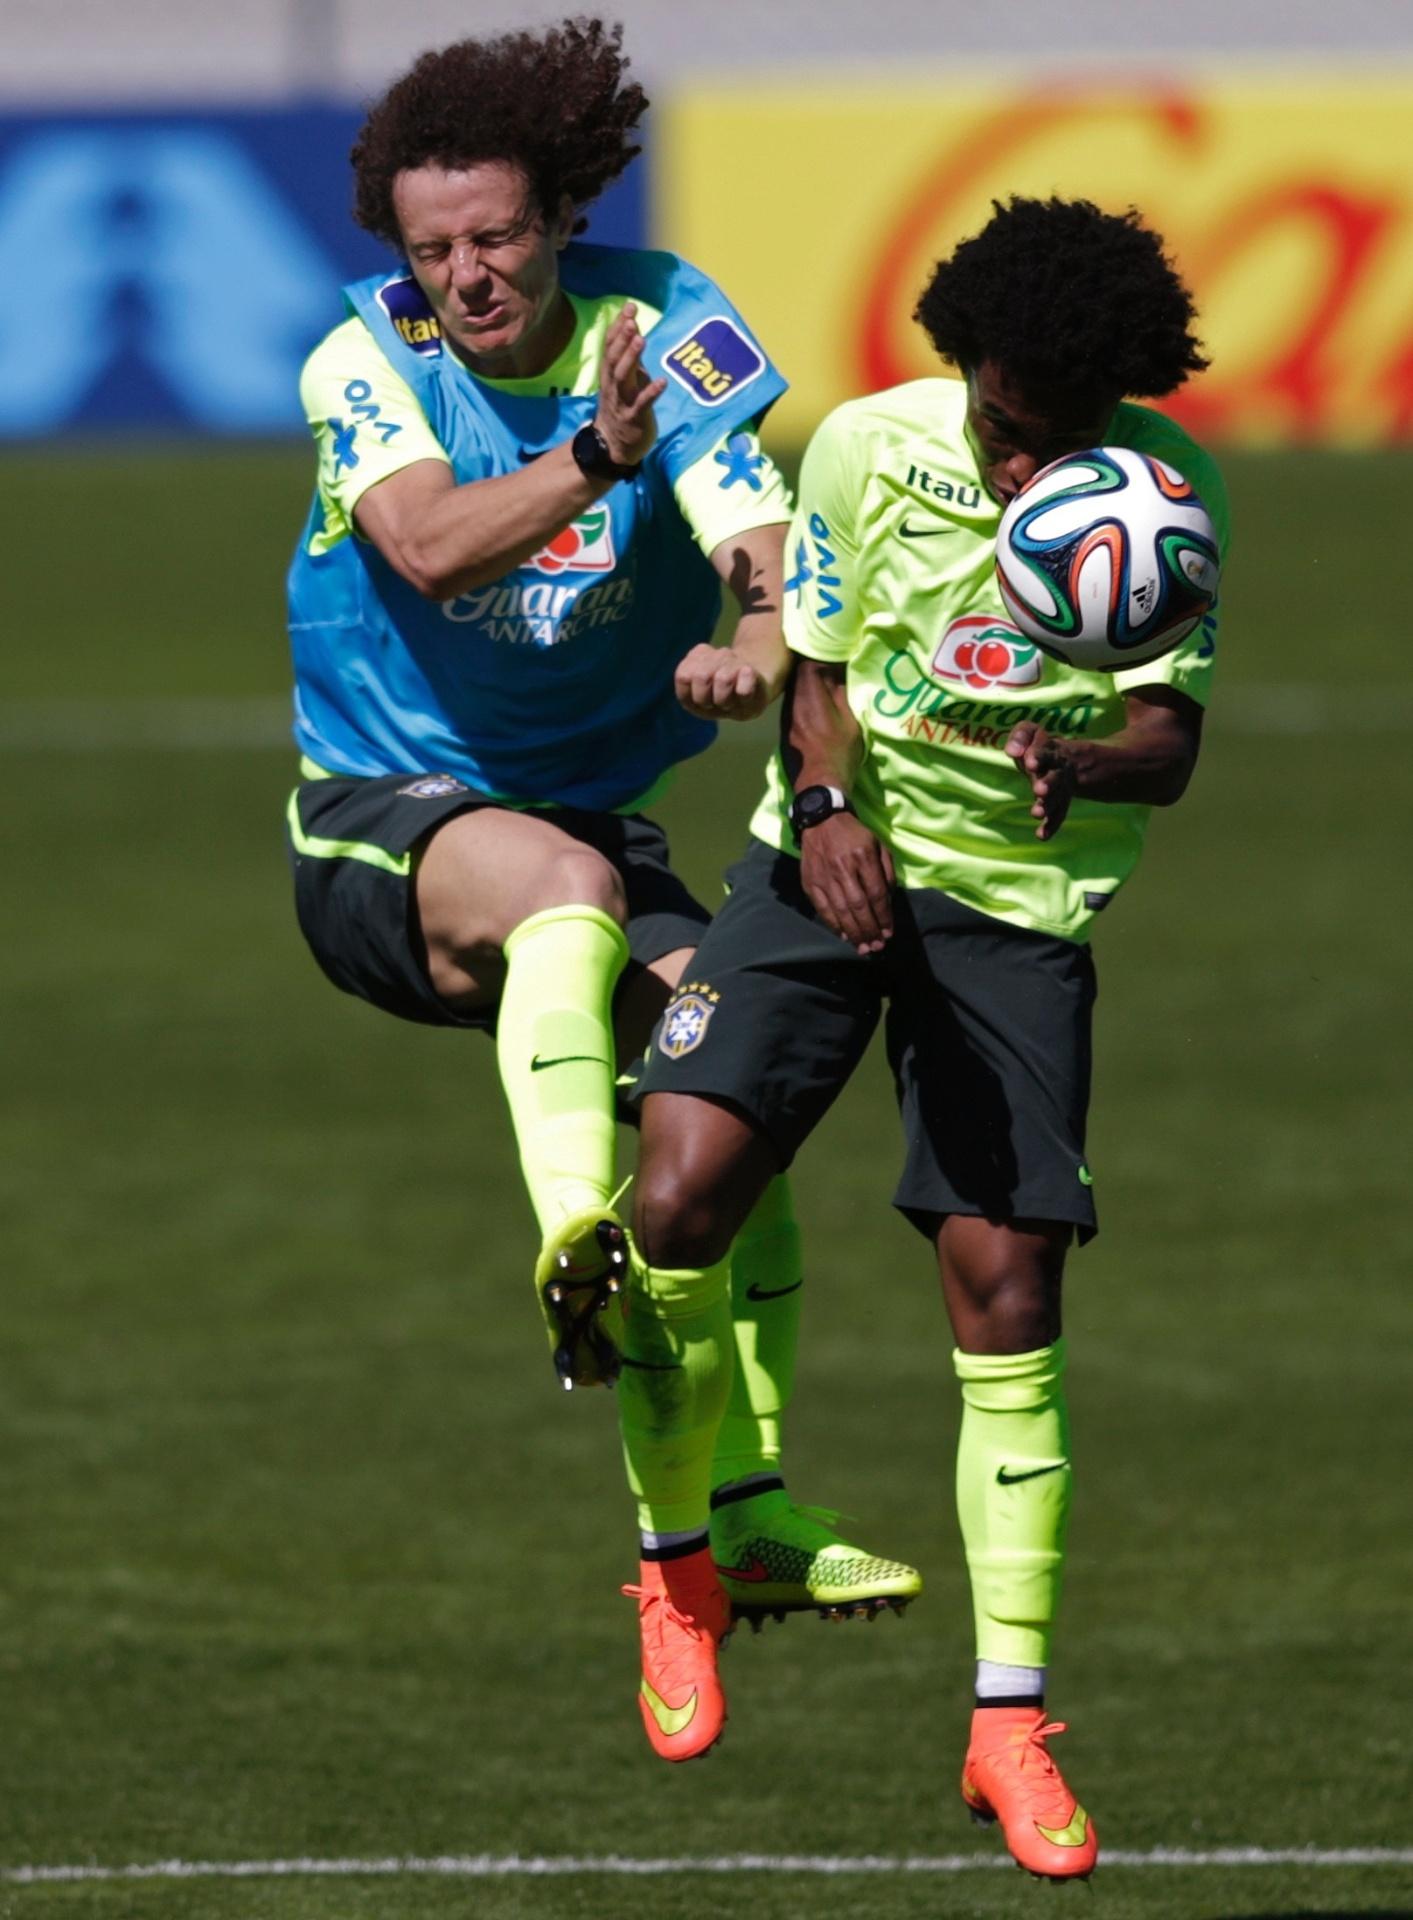 (31/05/2014) David Luiz e Willian disputam bola no alto em treino da seleção brasileira